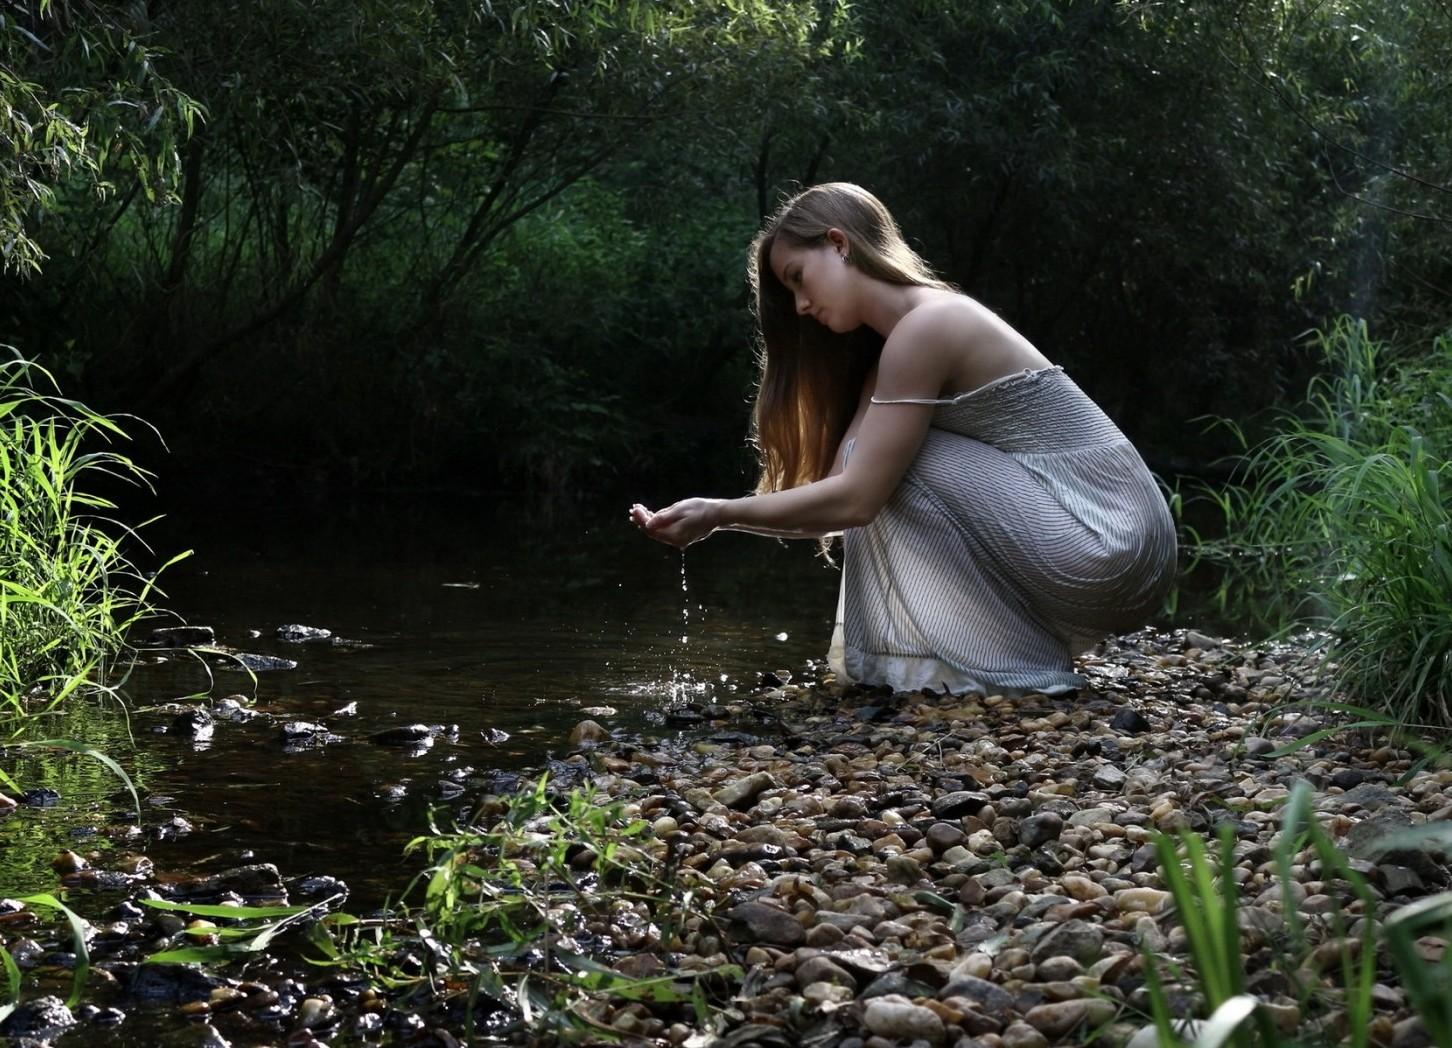 بالصور صور عن المراة , اروع الصور عن المراة 4305 10